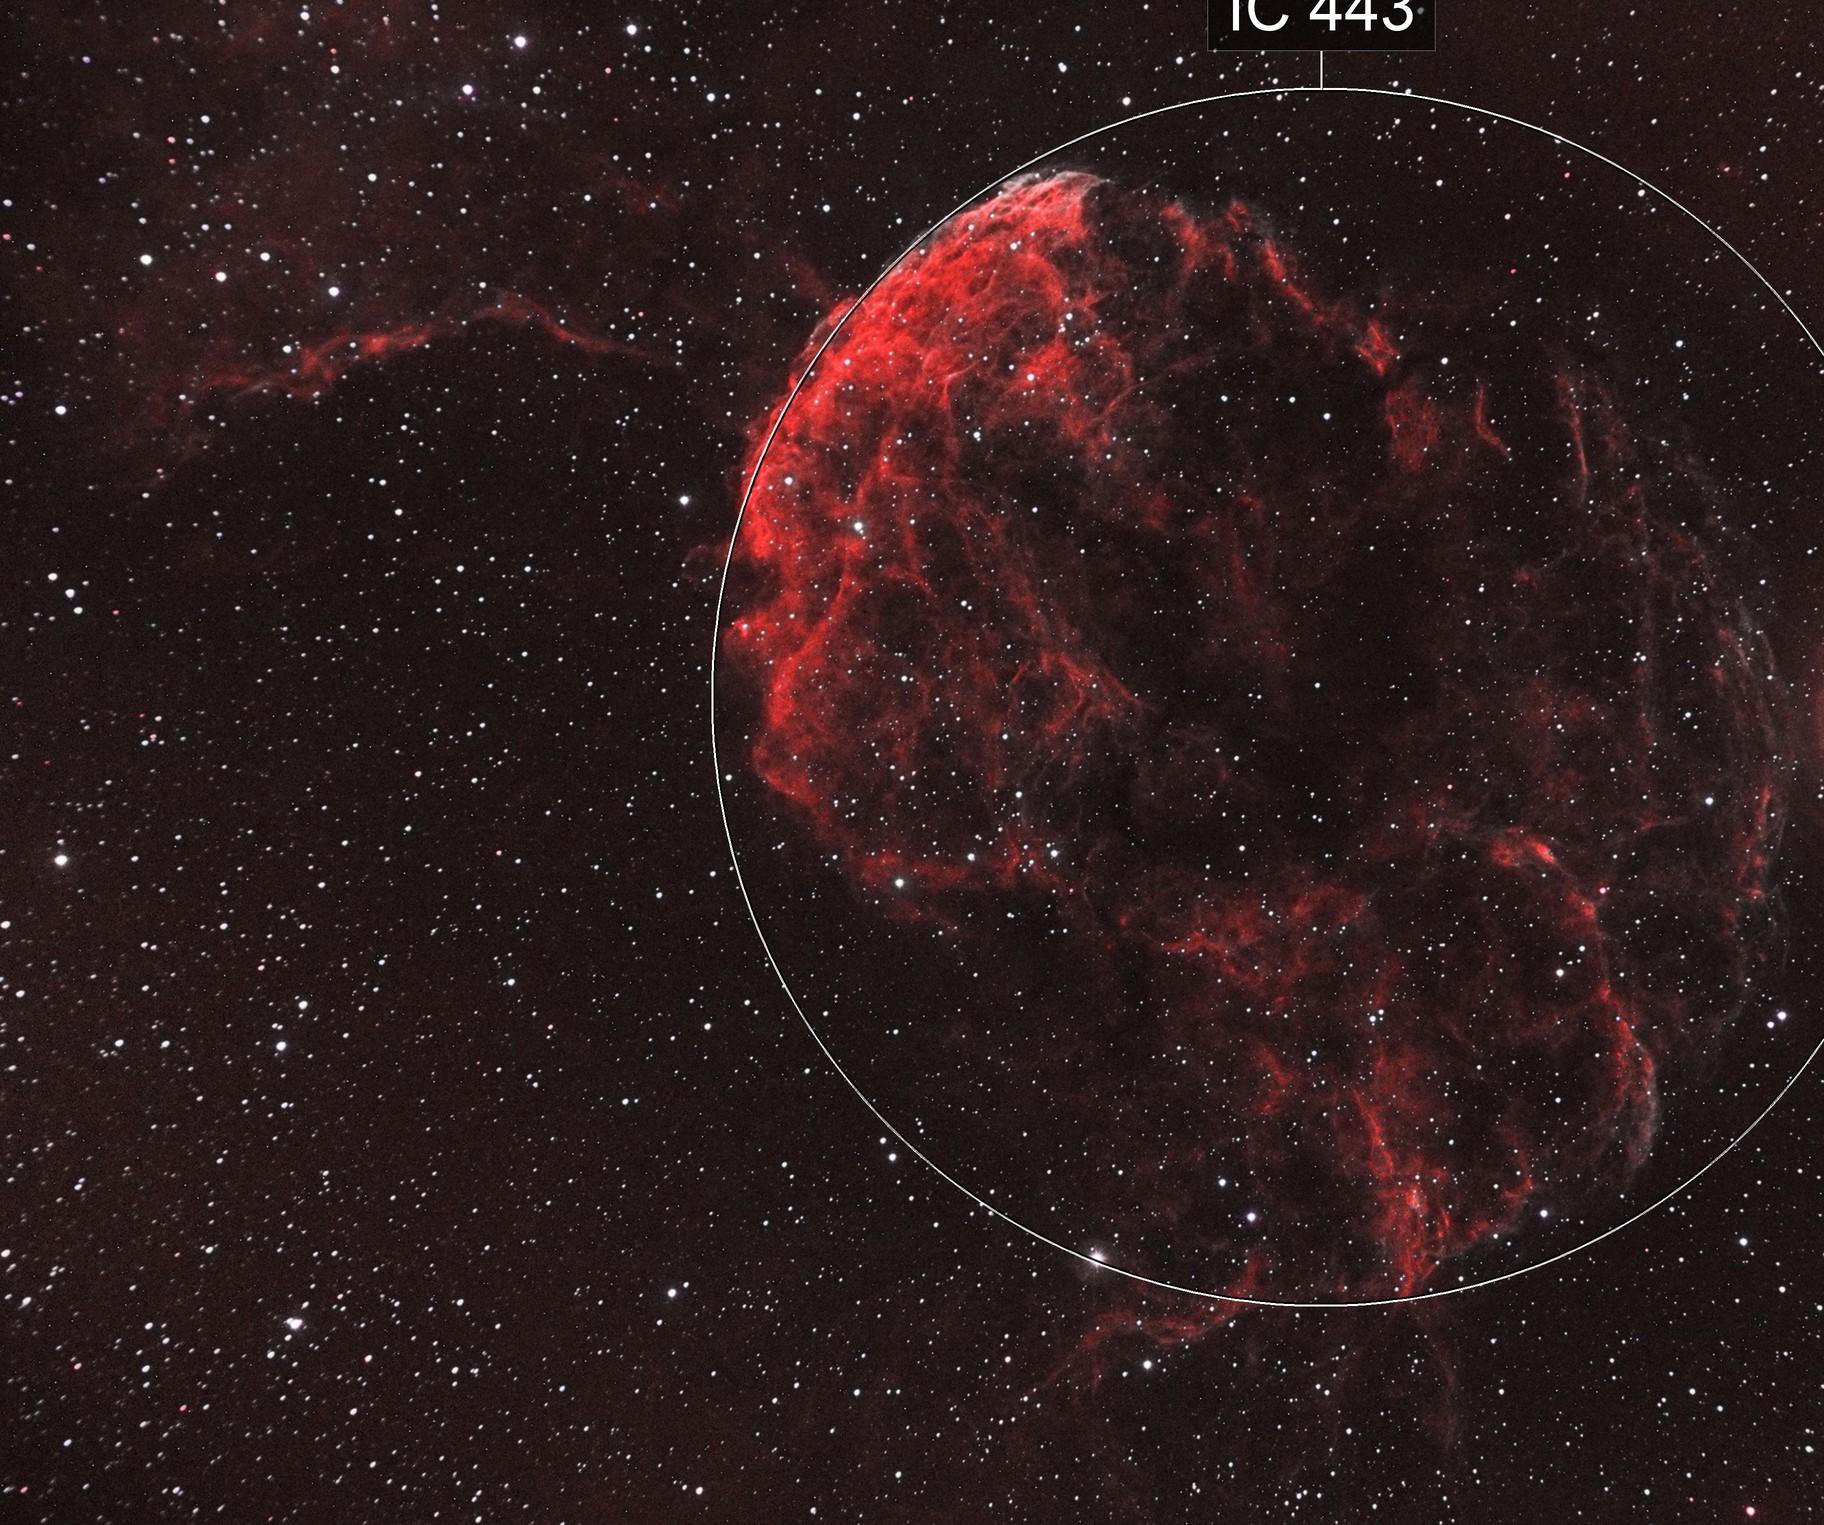 IC 443 - Jellyfish Nebula